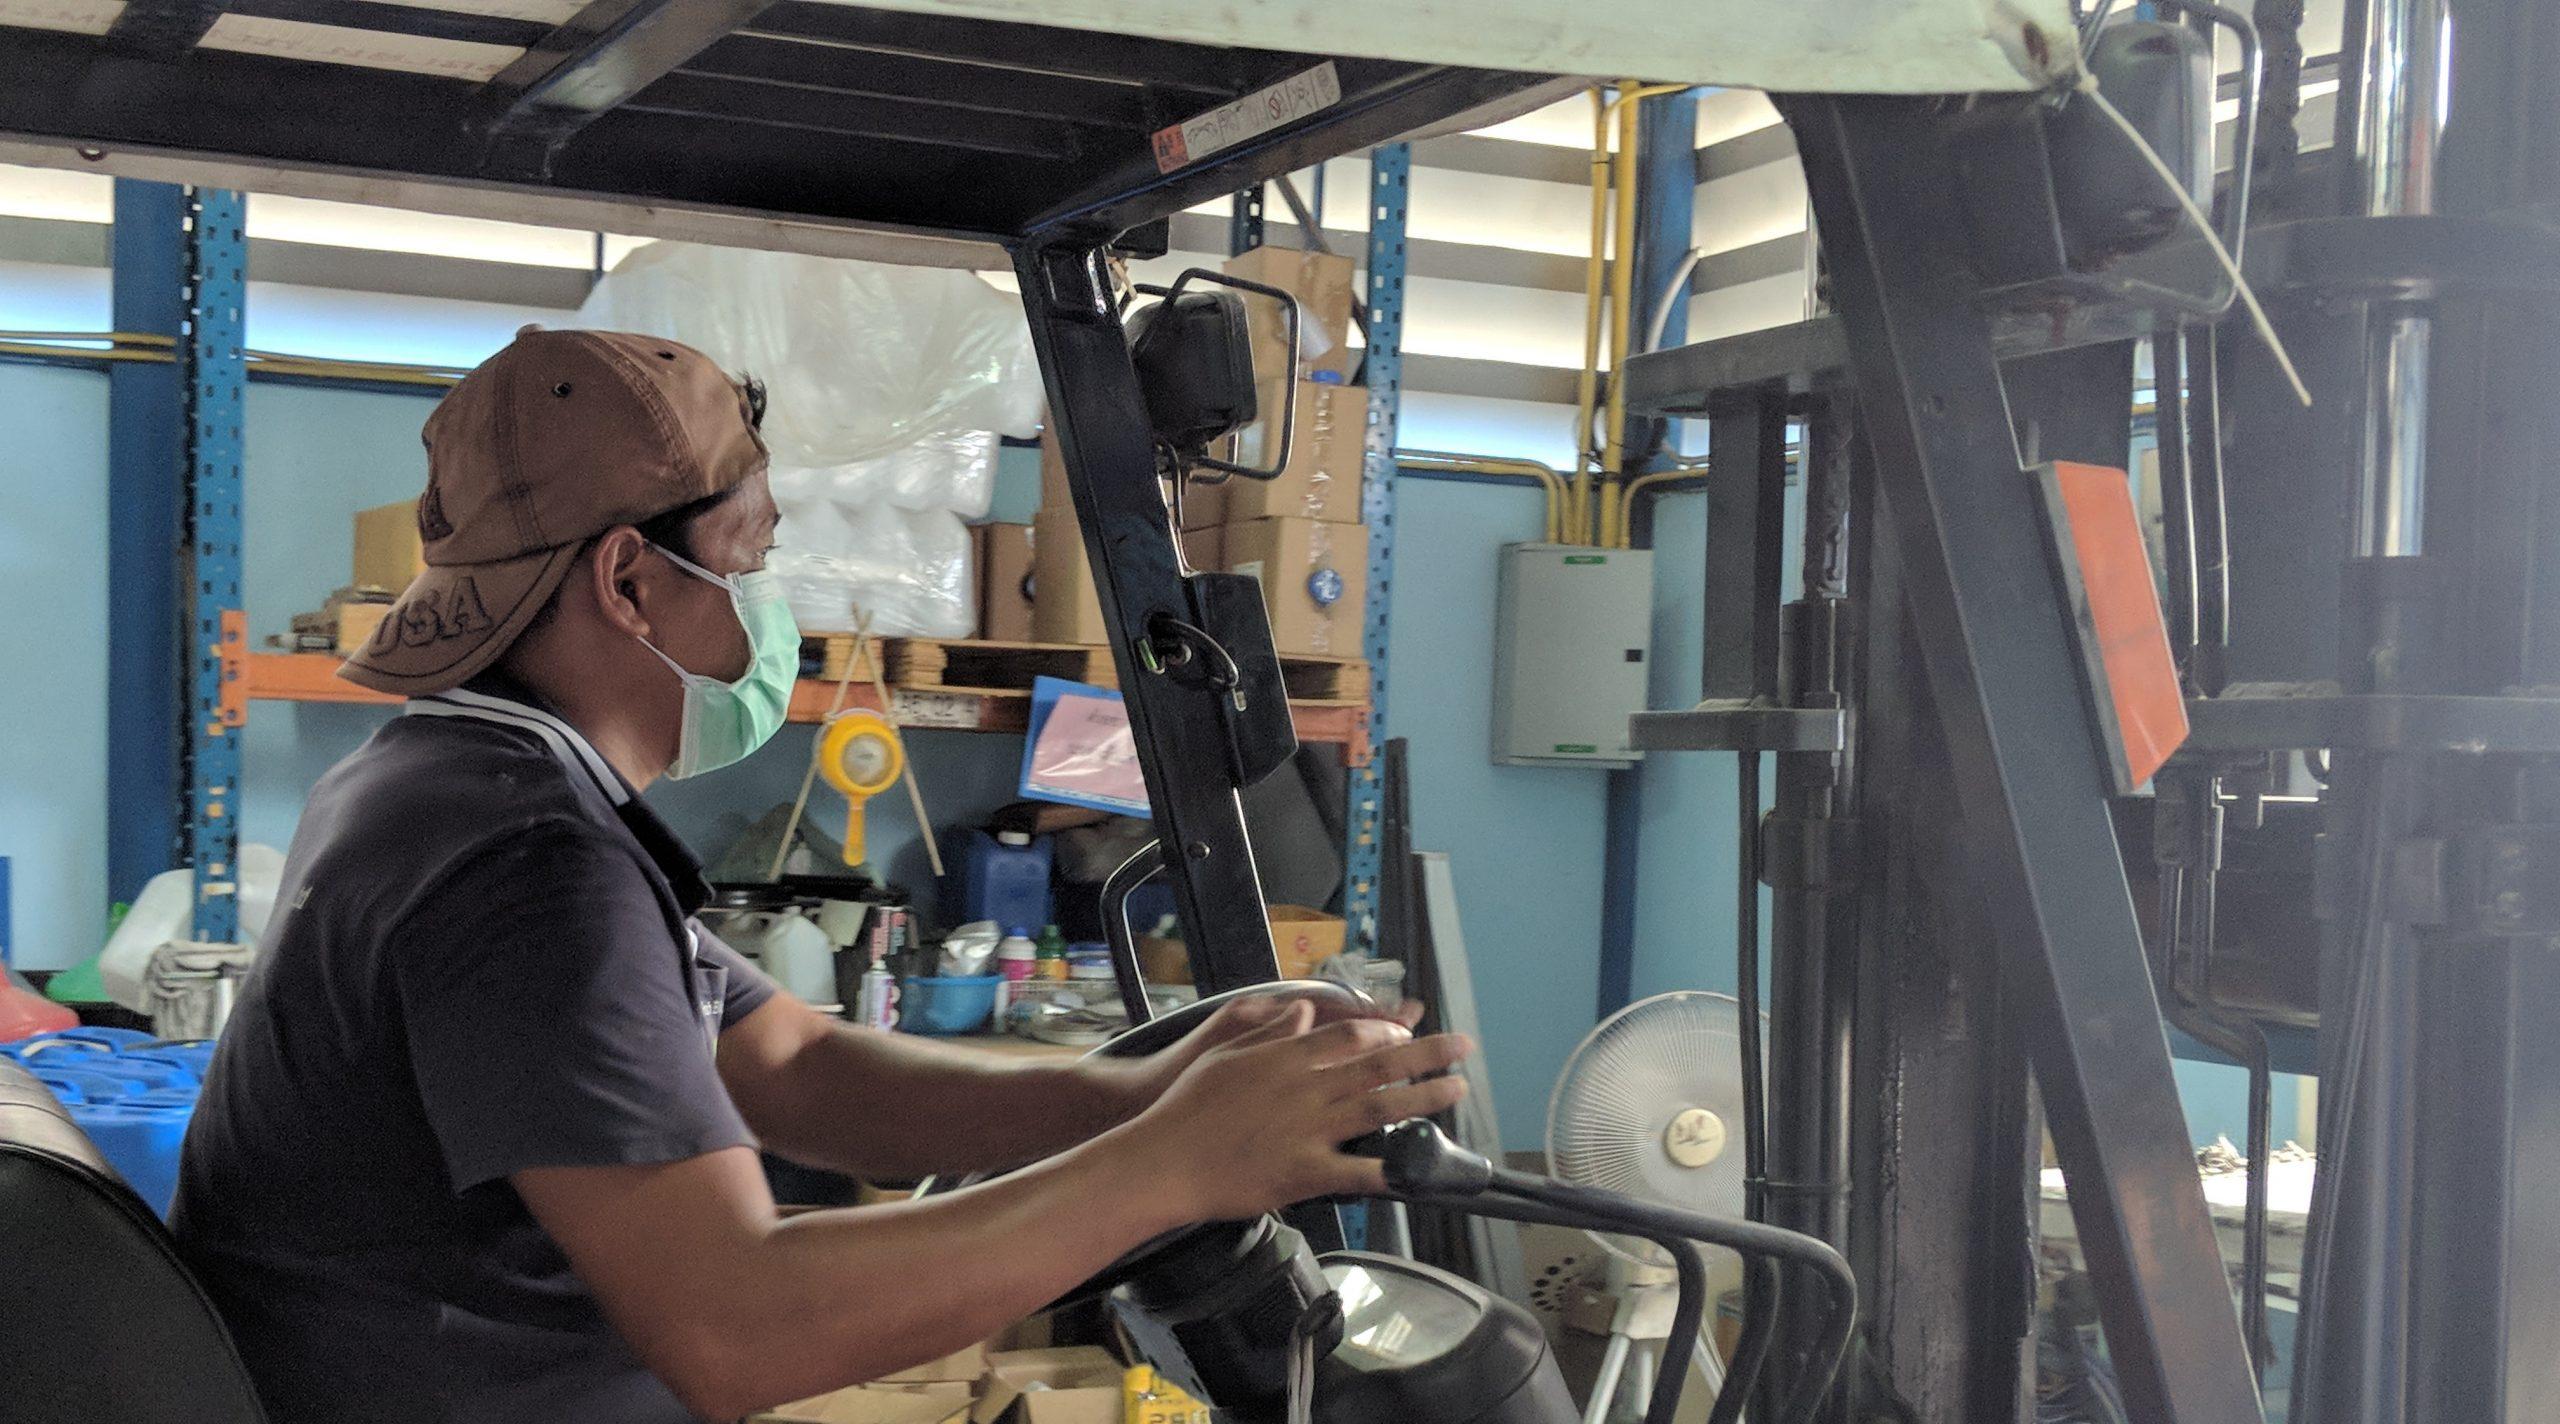 Worker Reach Biotechnology